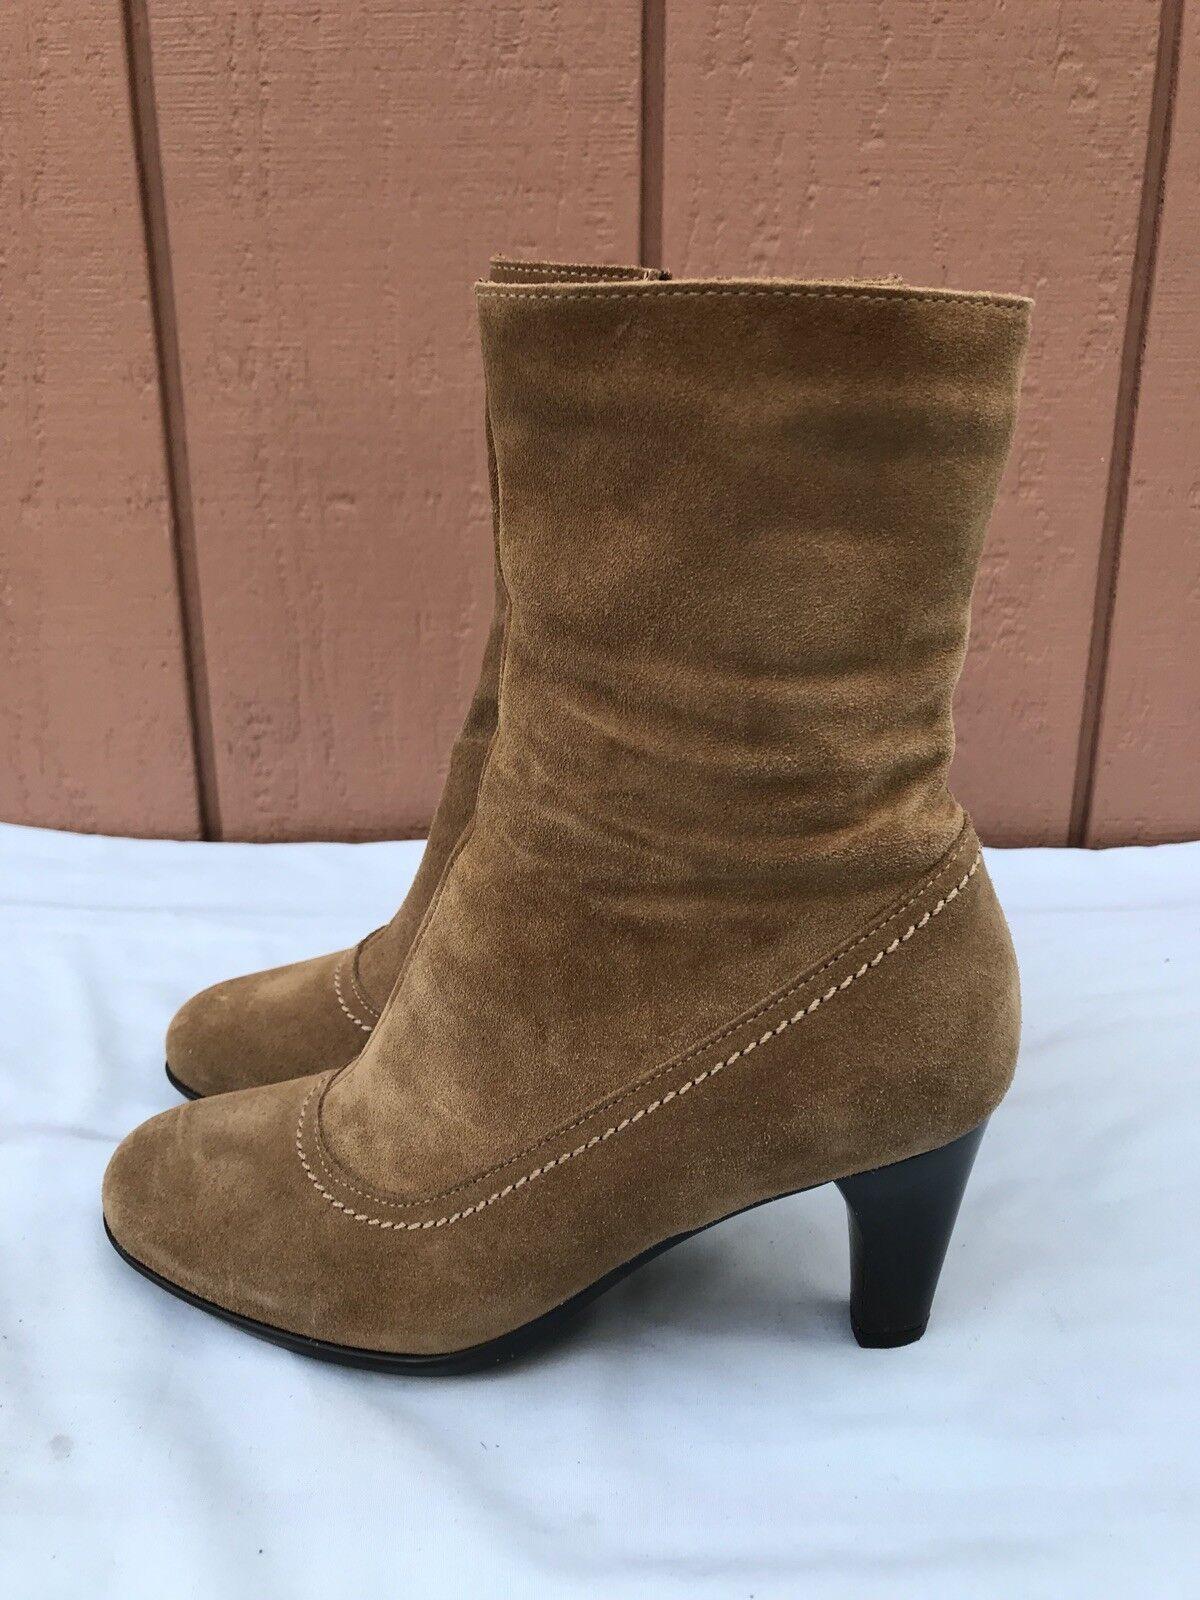 RARE EUC La Canadienne Wouomo  US 6.5M Ankle stivali Marronee Sue Zip Heels A8  grandi offerte